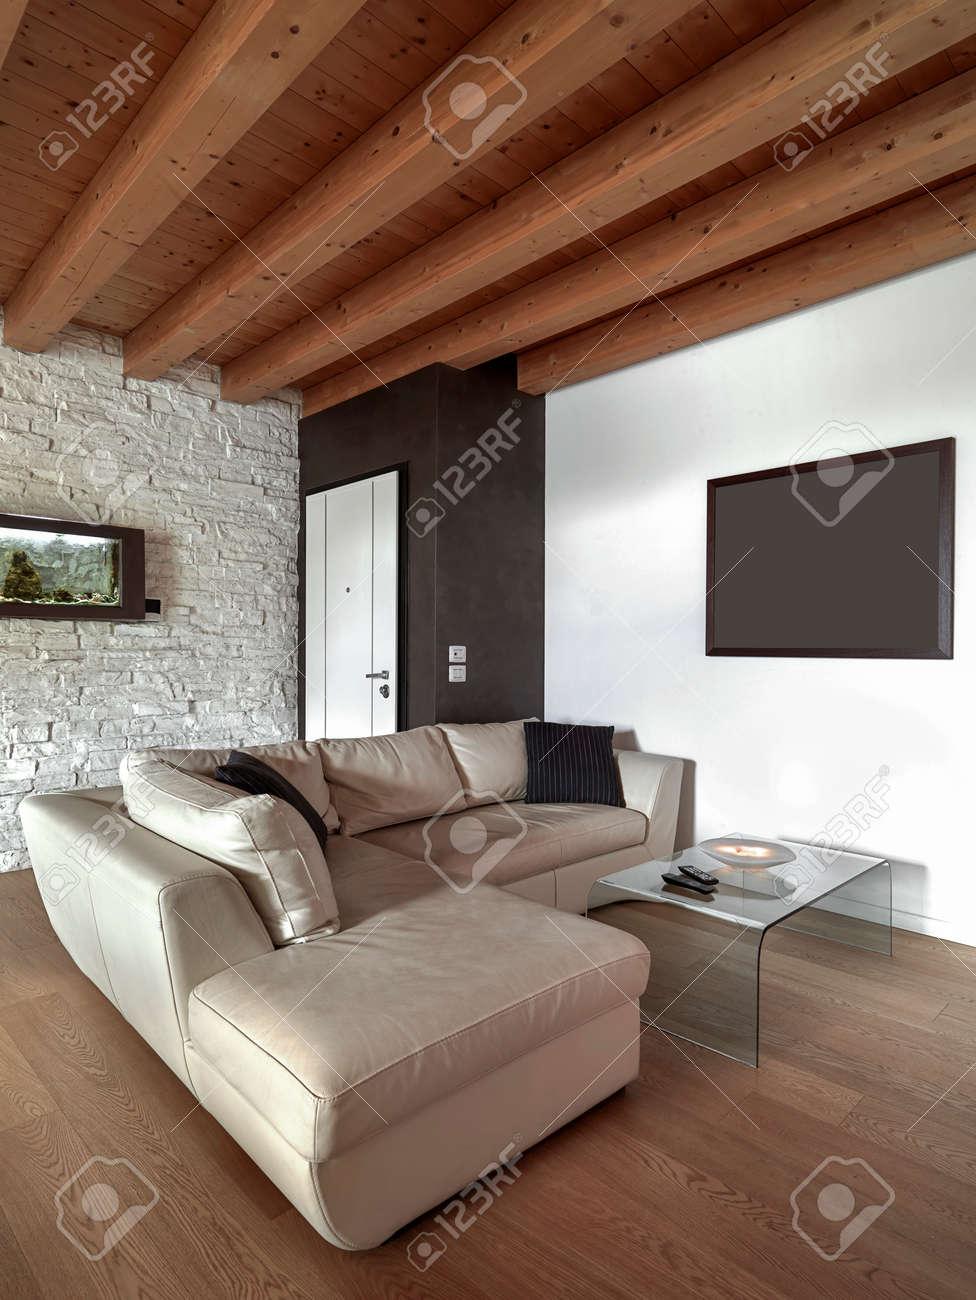 Moderne Leahter Sofa Mit Glastisch Im Wohnzimmer In Der Nähe Der ...